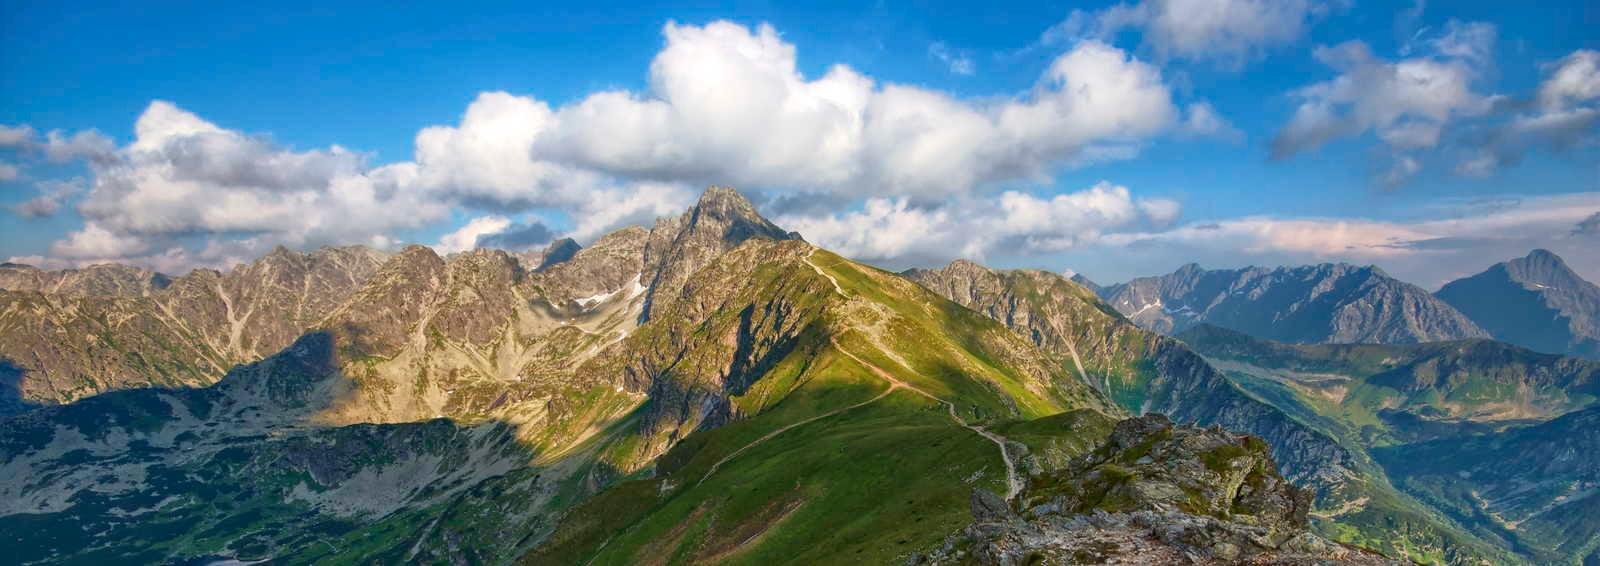 High Tatra Mountains, Poland